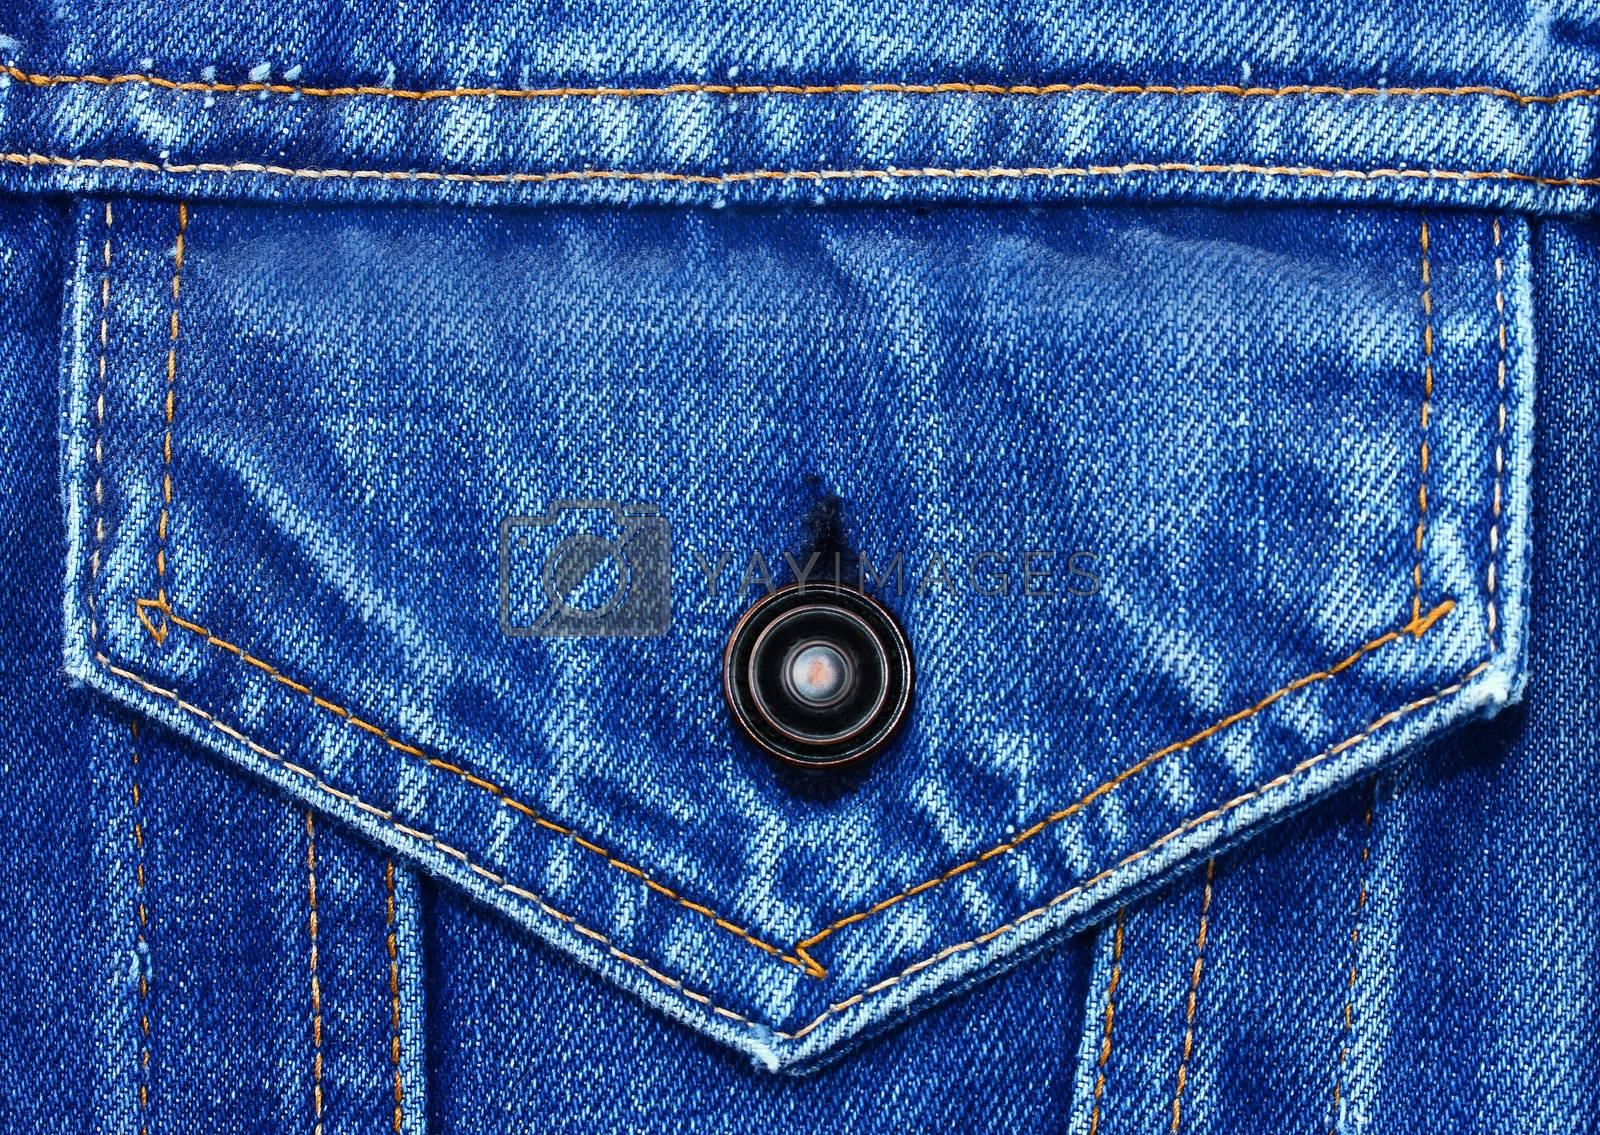 Denim pocket with button